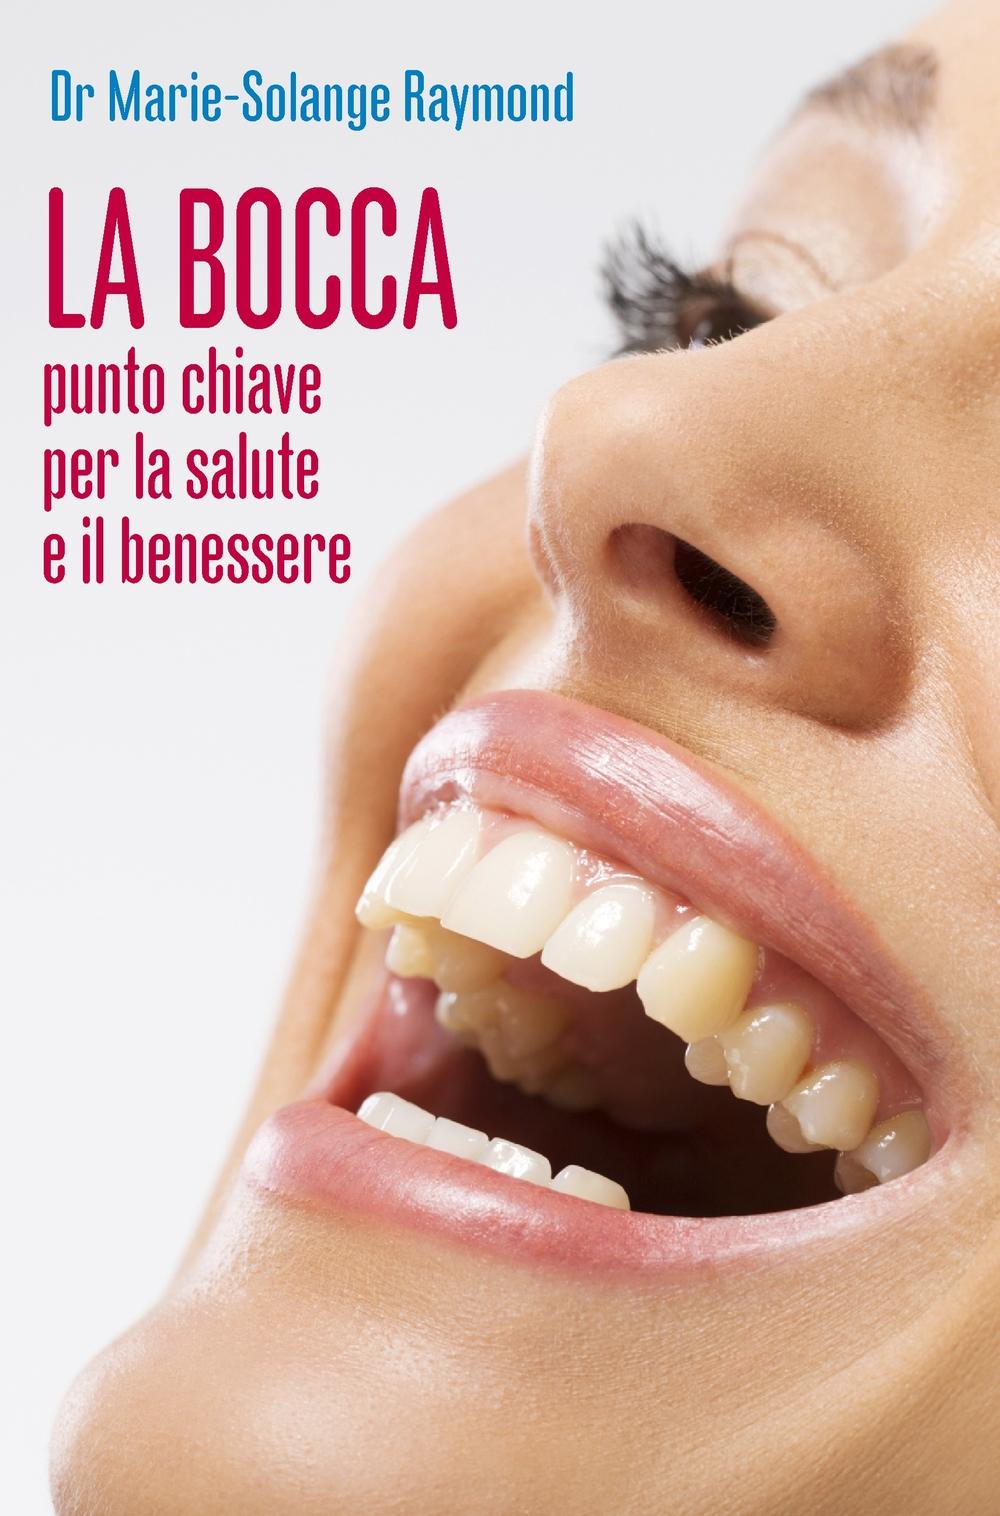 La bocca, punto chiave per la salute e il benessere